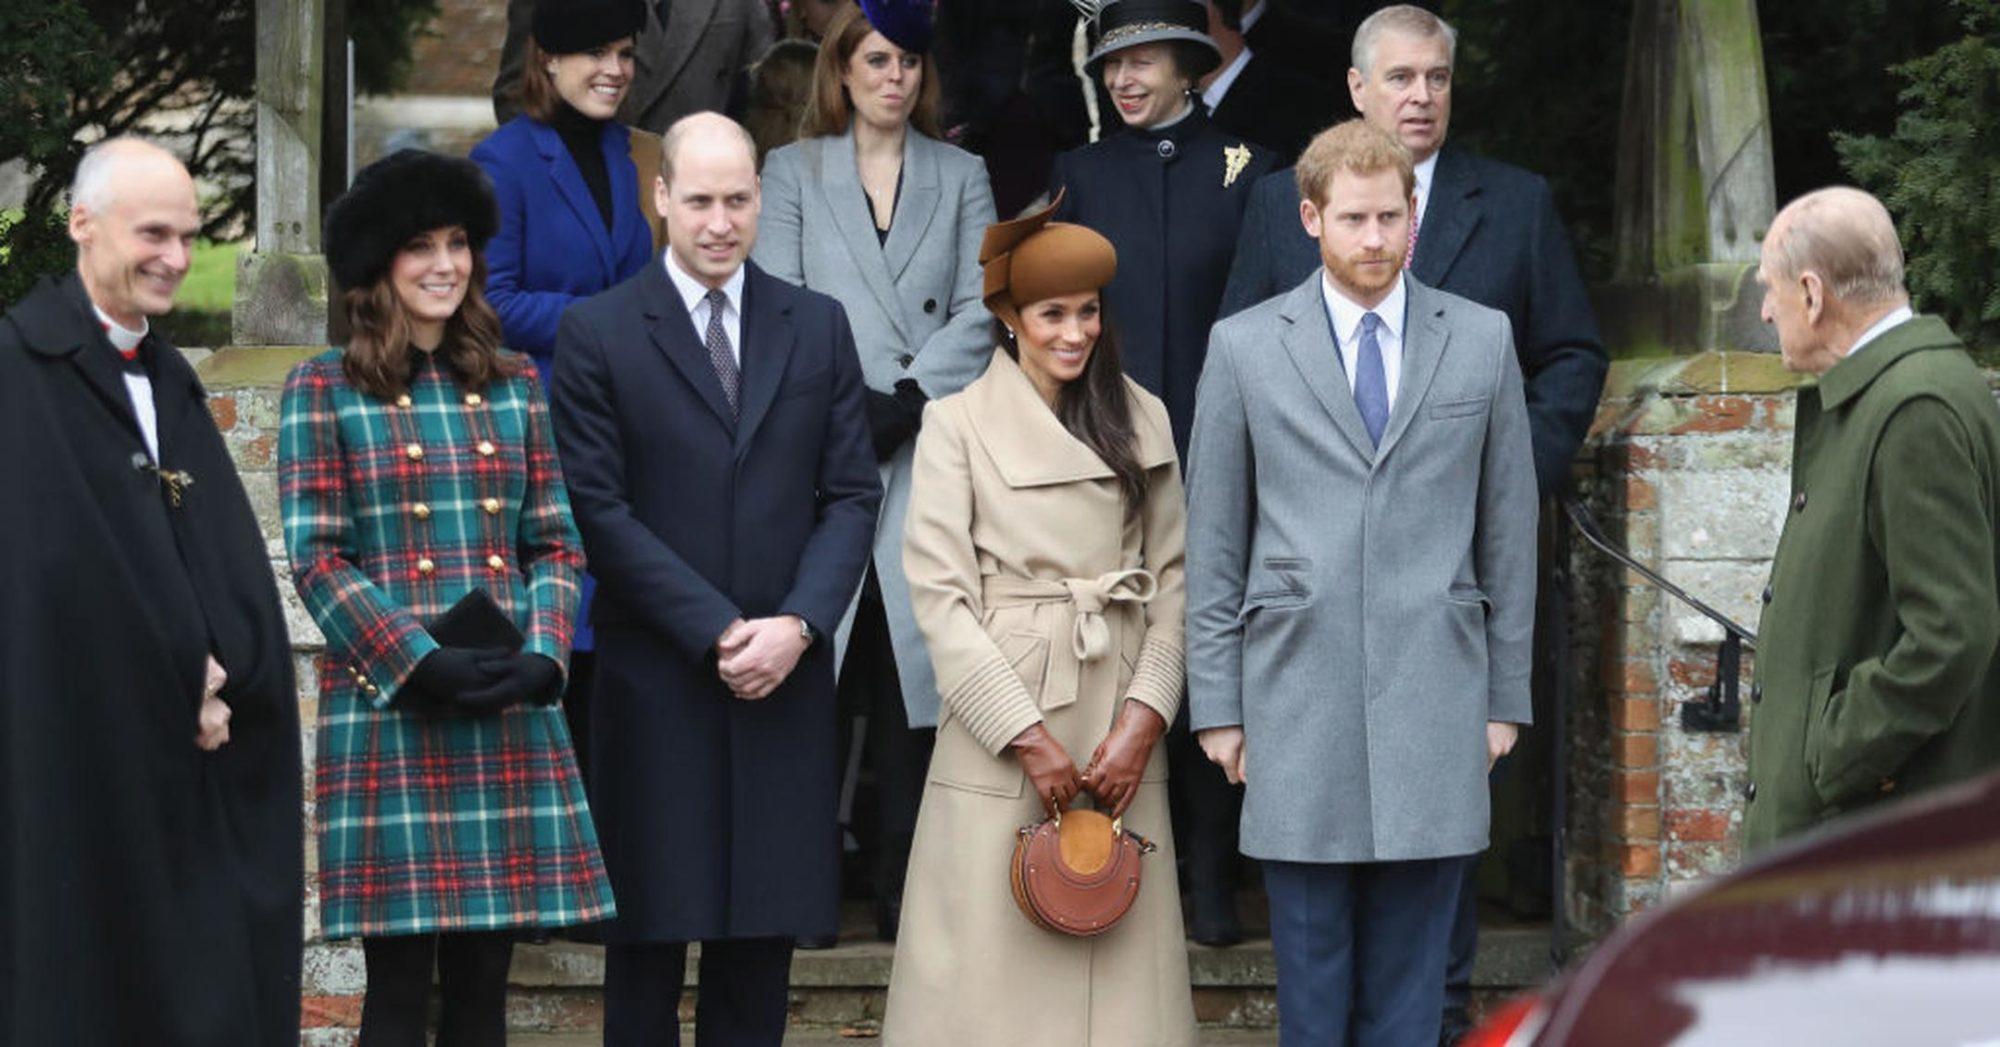 女王思想超OPEN!9個證明「皇室沒你想像中那麼嚴格」的有趣事實 其實沒有人想當國王~